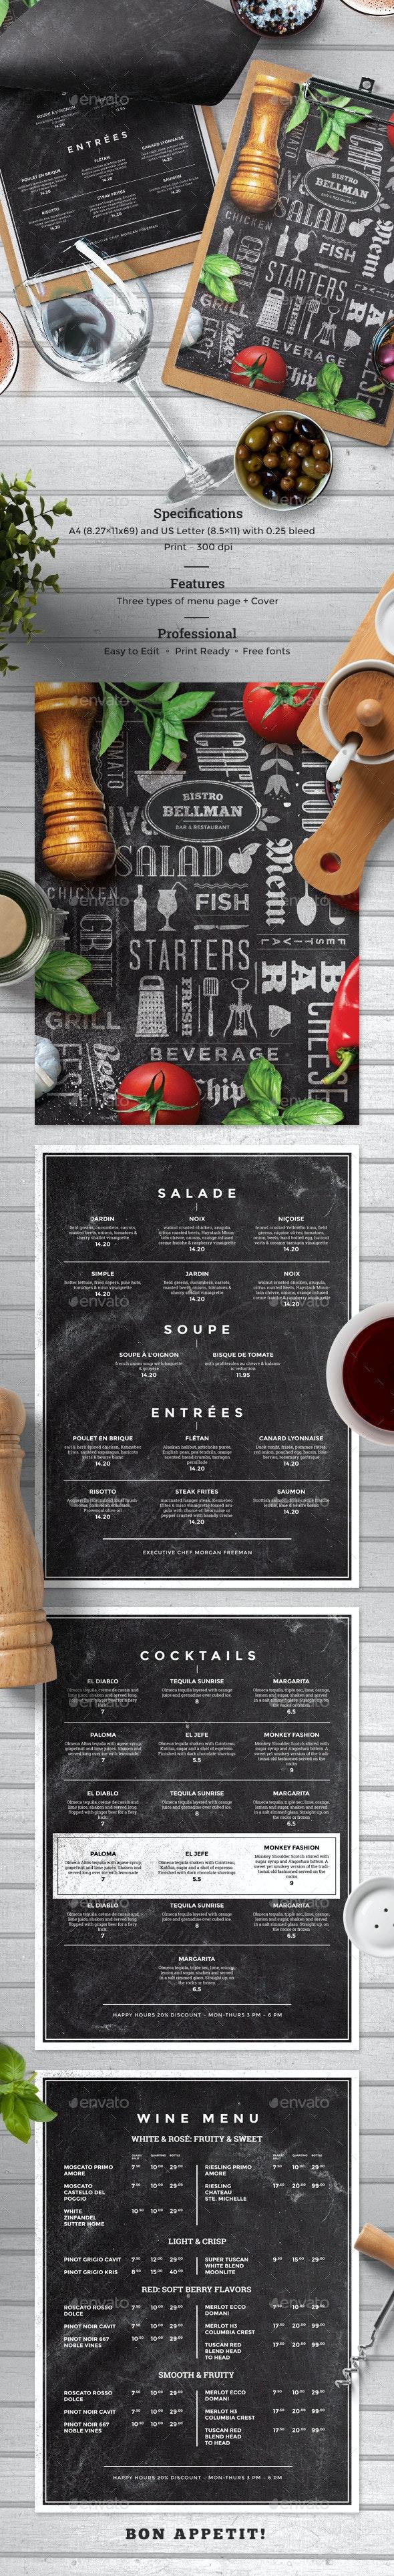 Chalkboard Food Menu - Food Menus Print Templates